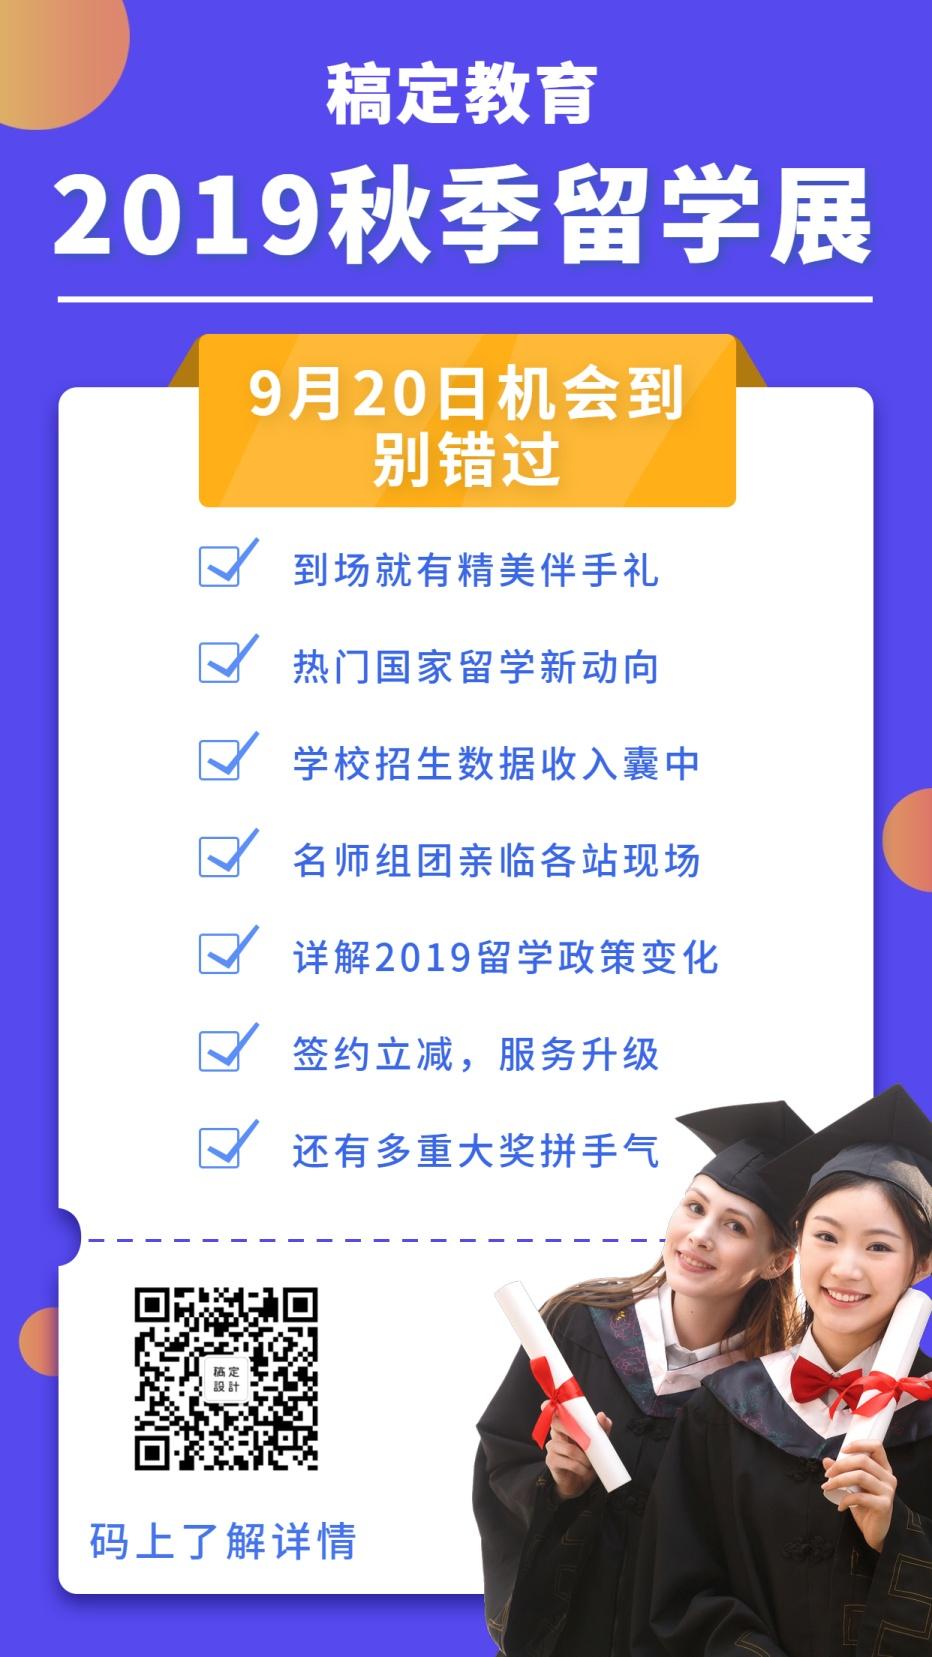 教育培训/秋季留学展/简约/手机海报